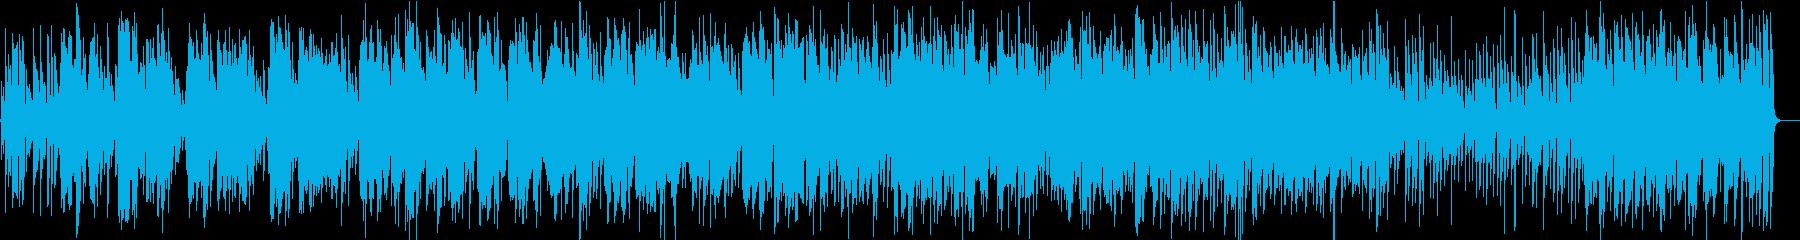 アコギが奏でるクリスマスBGMの再生済みの波形